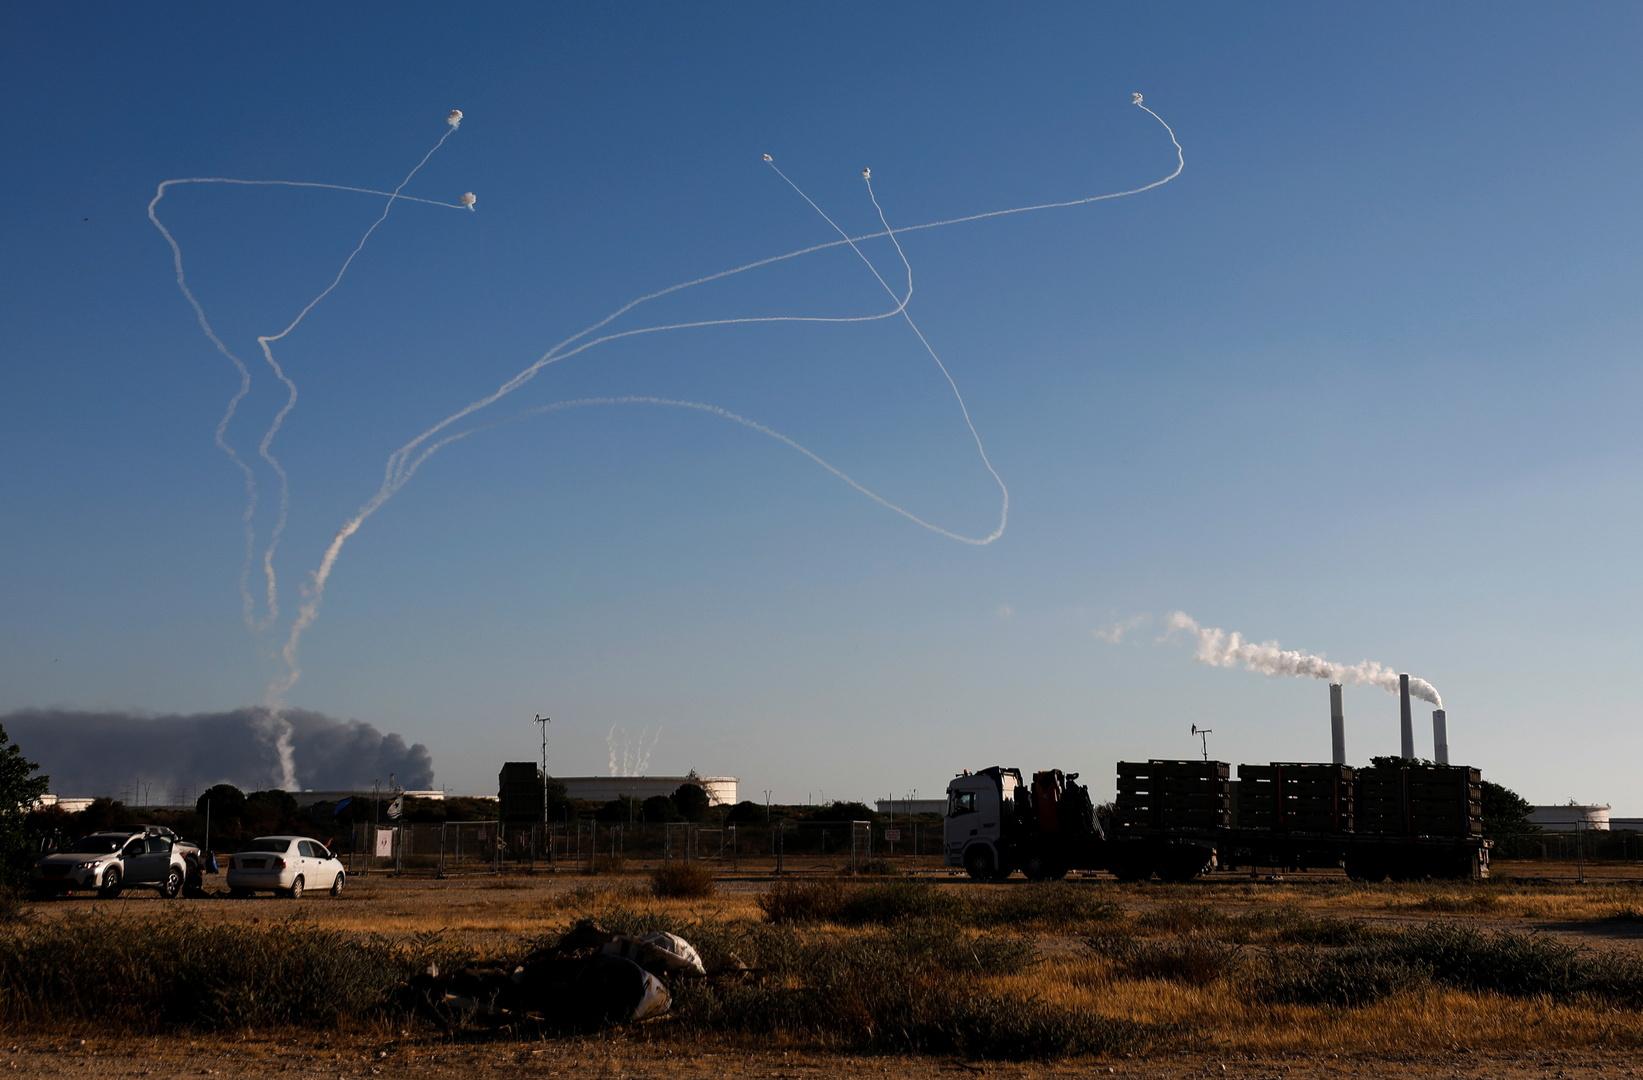 محاولة اعتراض صواريخ الفصائل الفلسطينية عبر نظام القبة الحديدية